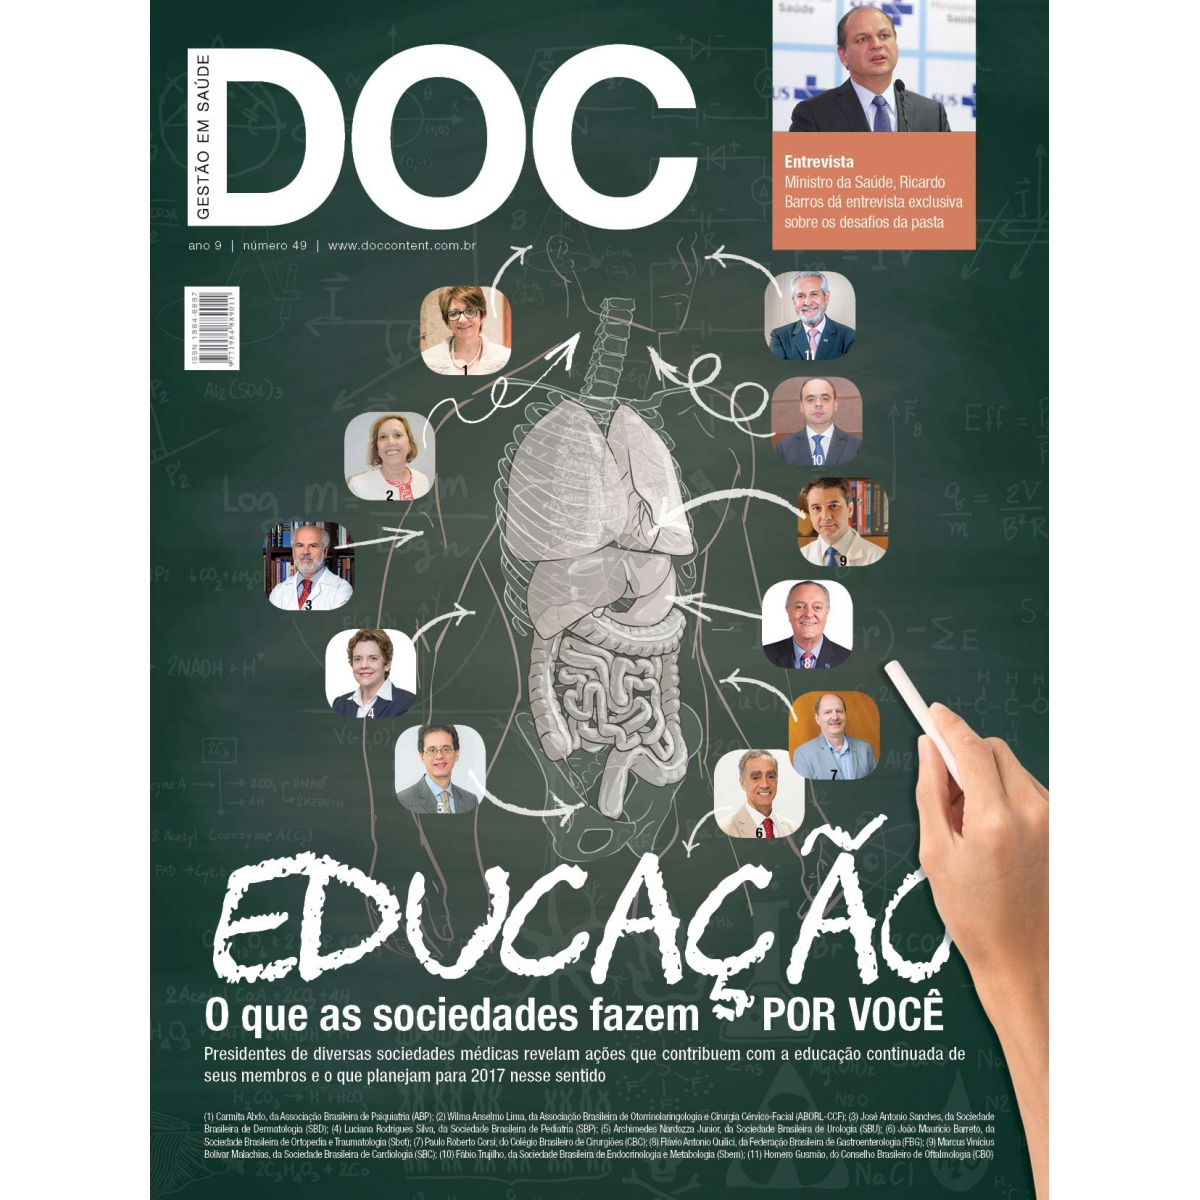 Revista DOC - Edição 49#  - DOC Content Webstore